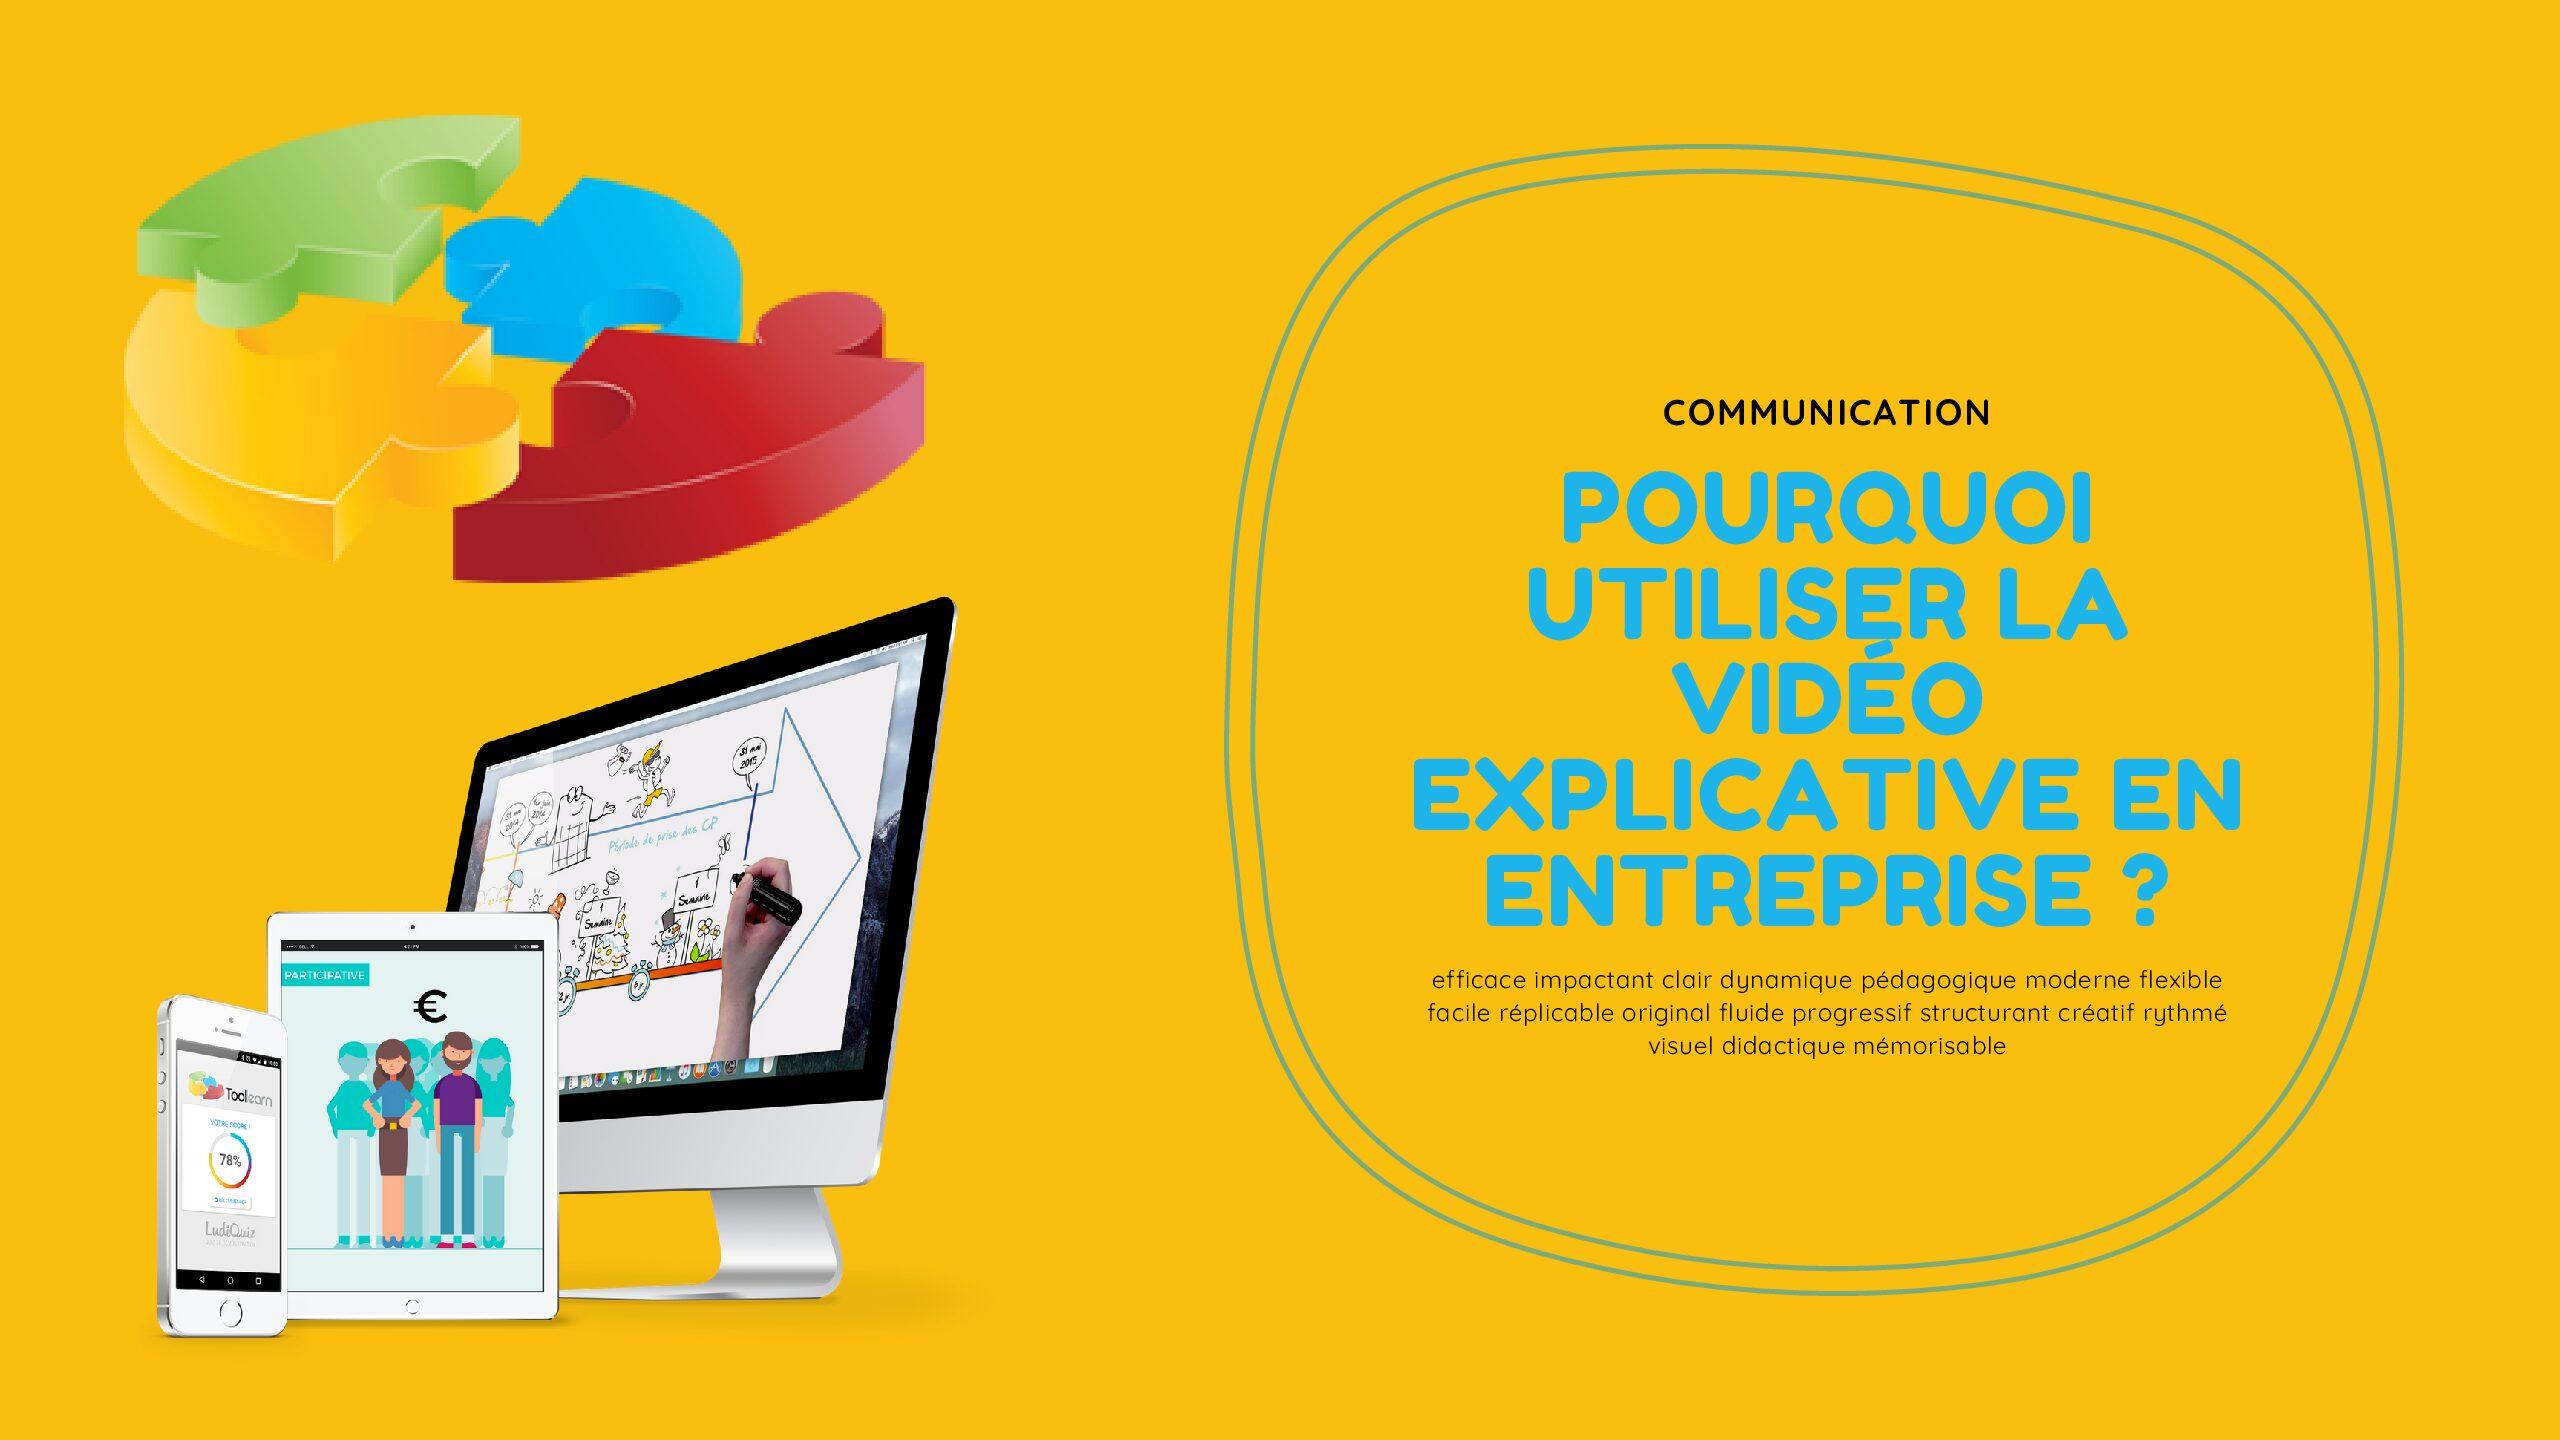 Pourquoi utiliser la vidéo explicative en entreprise ?